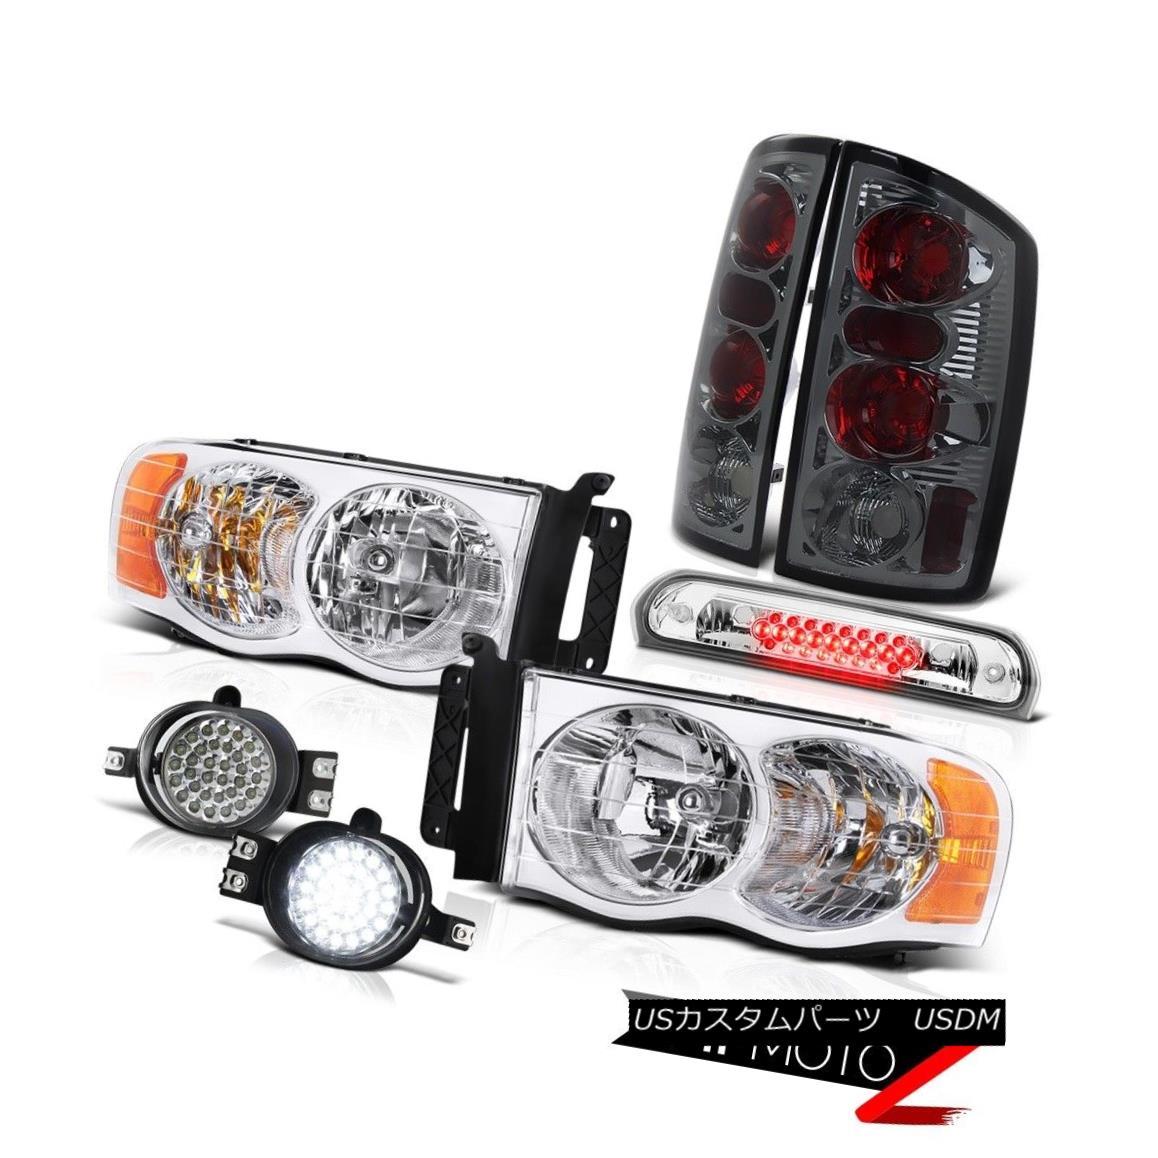 テールライト 02-05 Ram Magnum Clear Headlamp Rear Light LED Driving Foglight Euro Third Brake 02-05ラムマグナムクリアヘッドランプリアライトLEDフォーグライトユーロサードブレーキ